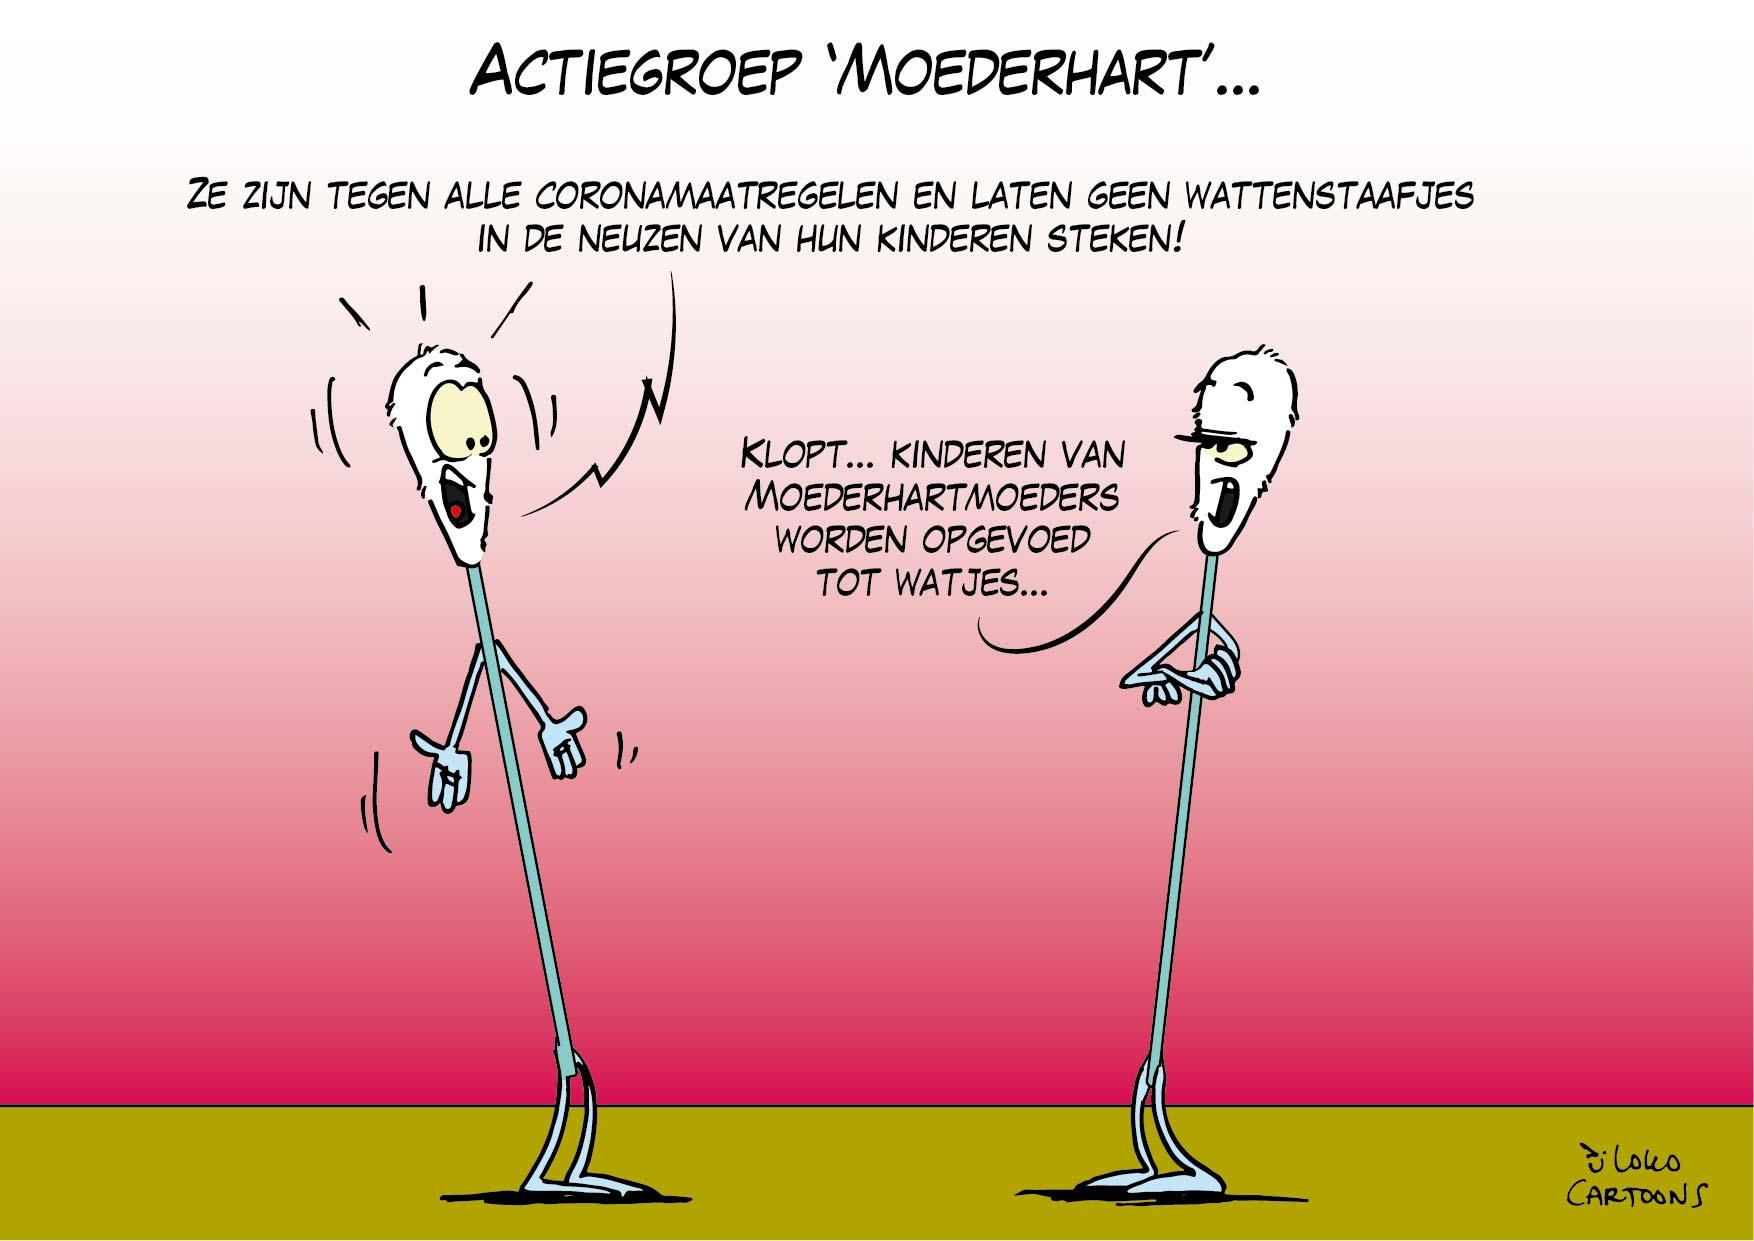 Actiegroep 'Moederhart'…